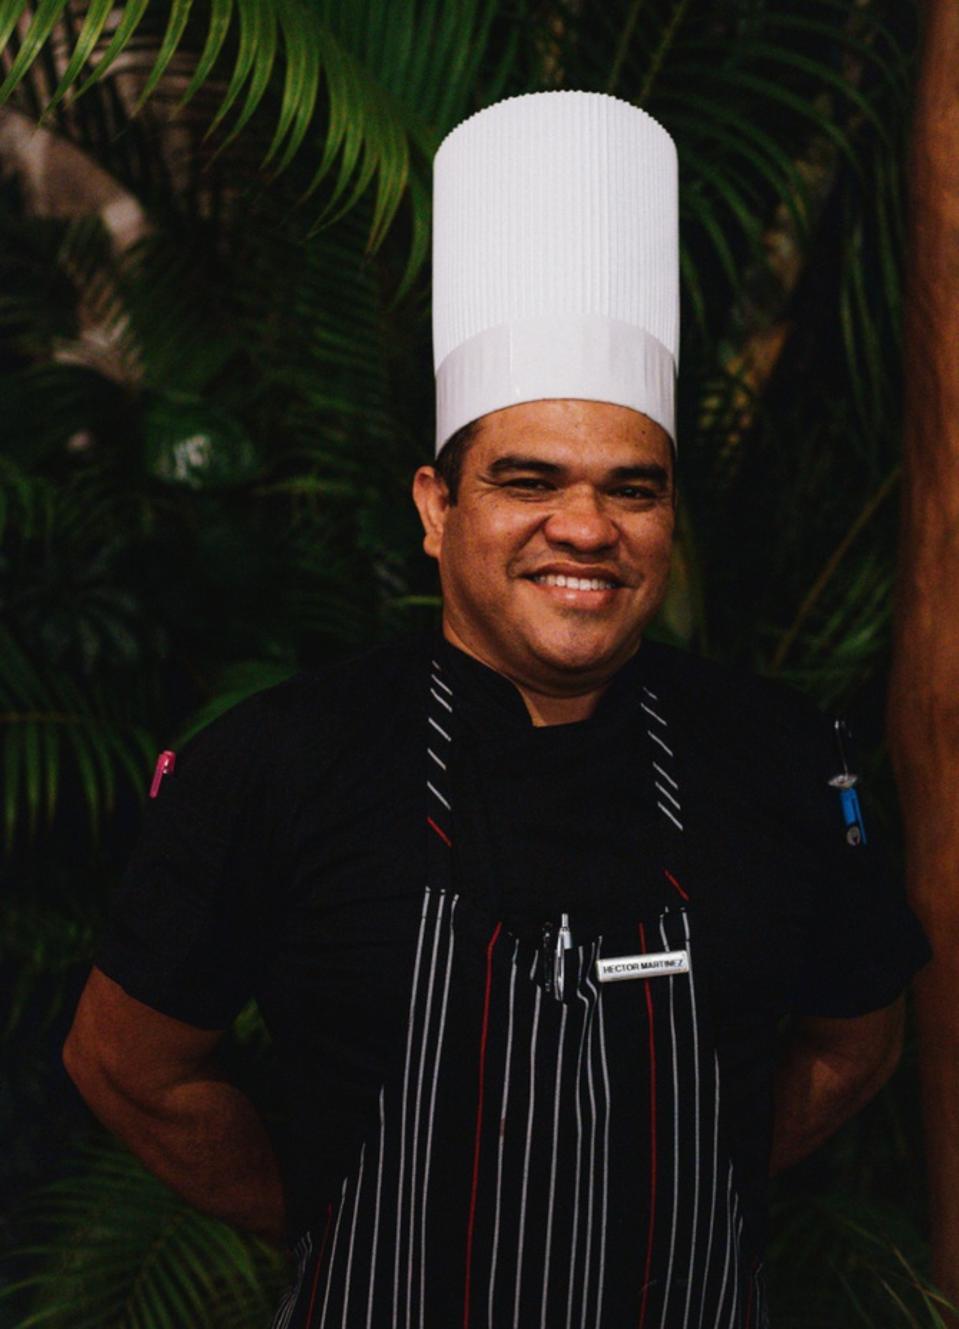 Chef Hector Martinez of the Marriott Puerto Vallarta Resort & Spa.